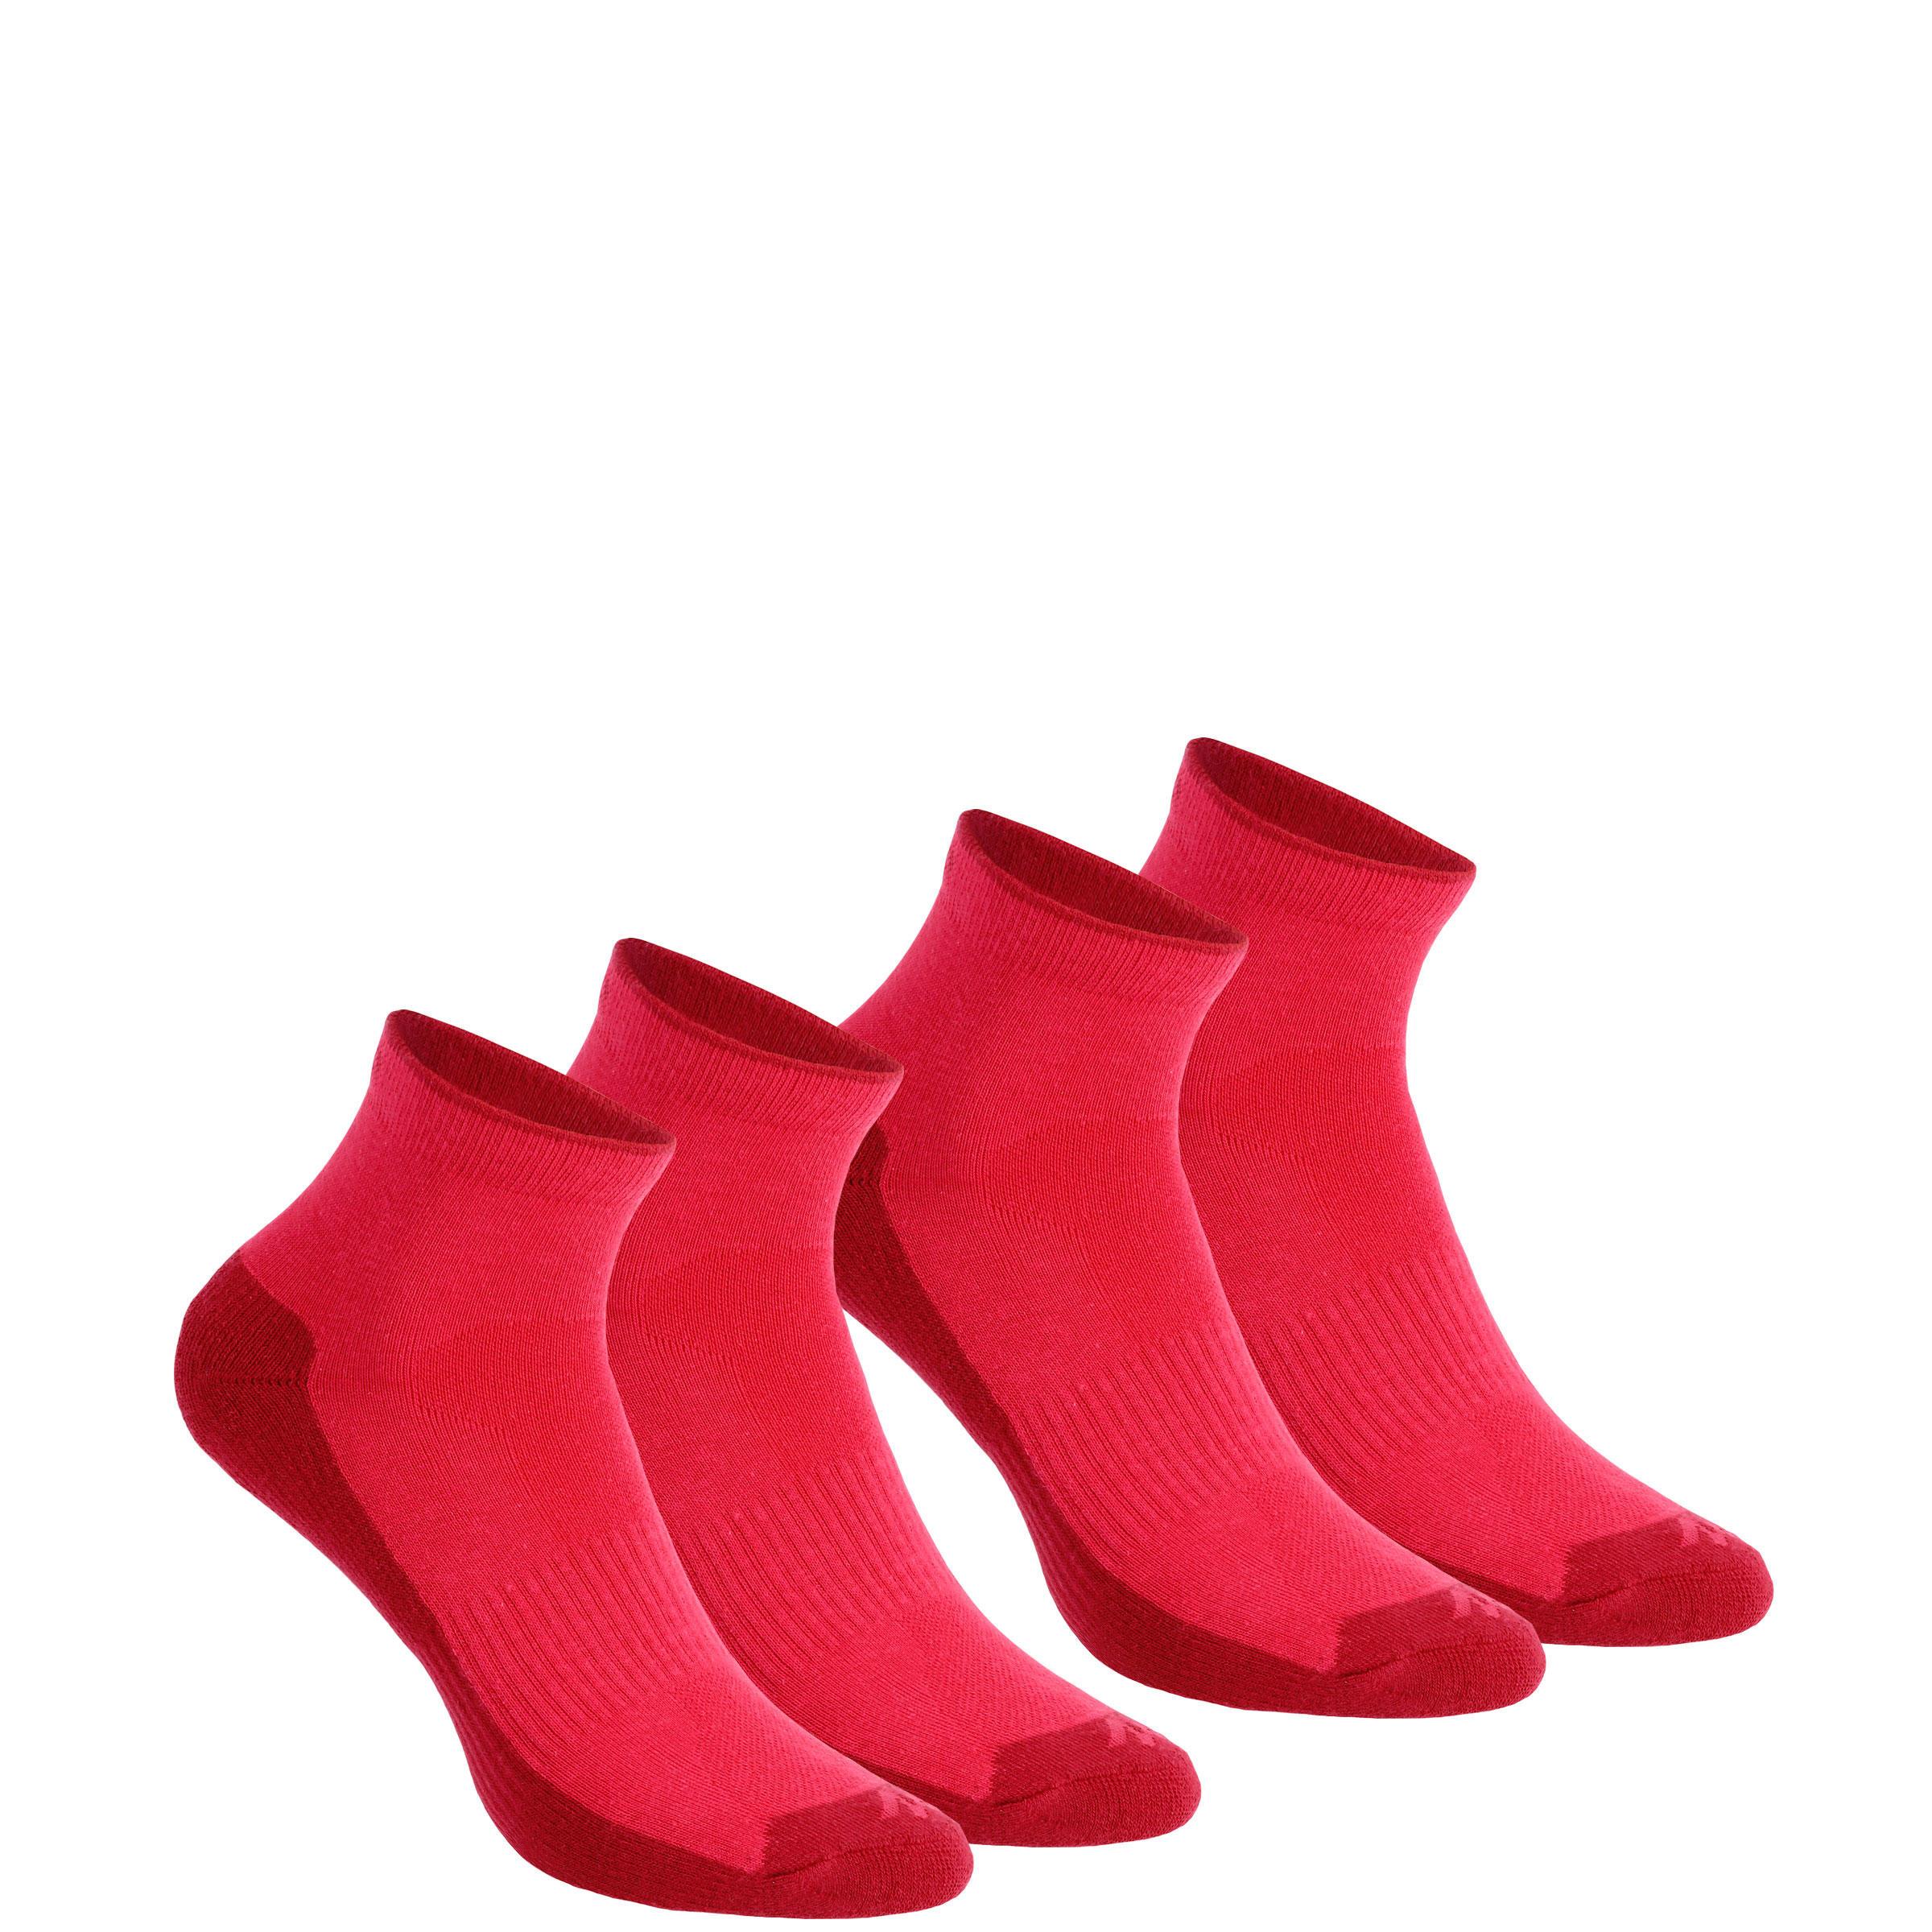 2 pares de calcetines de campismo cortos adulto Arpenaz 50 rosa